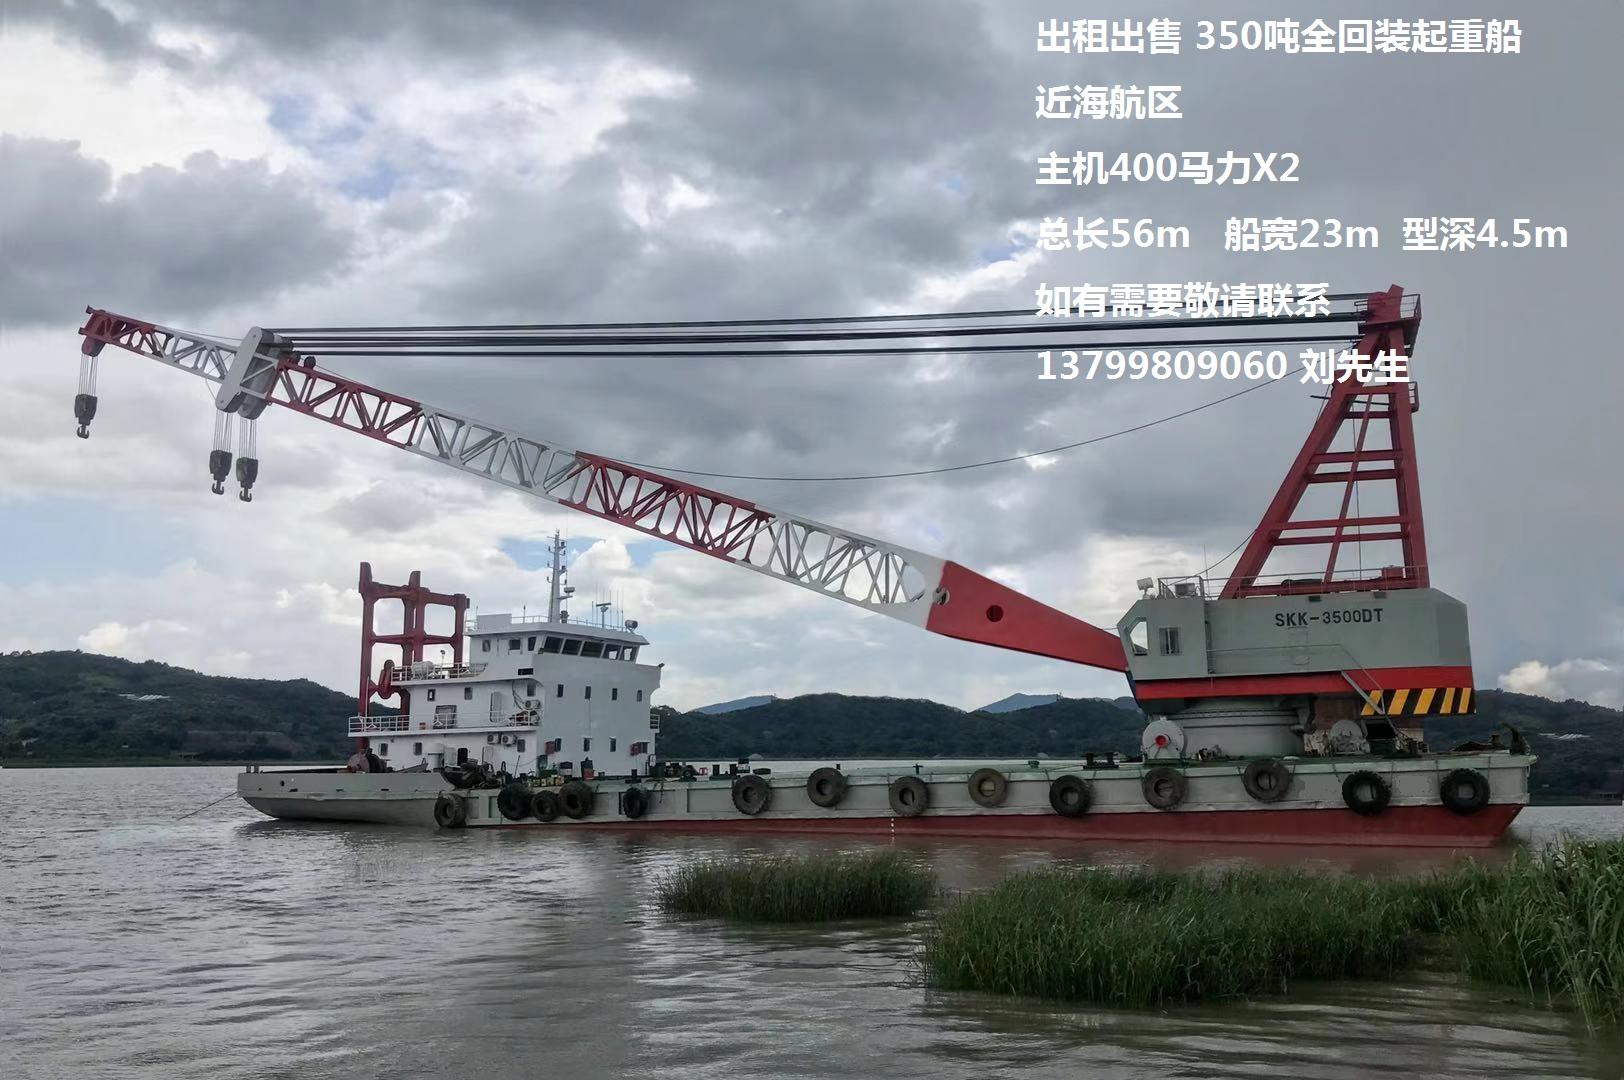 出租/出售全回装起重船350吨